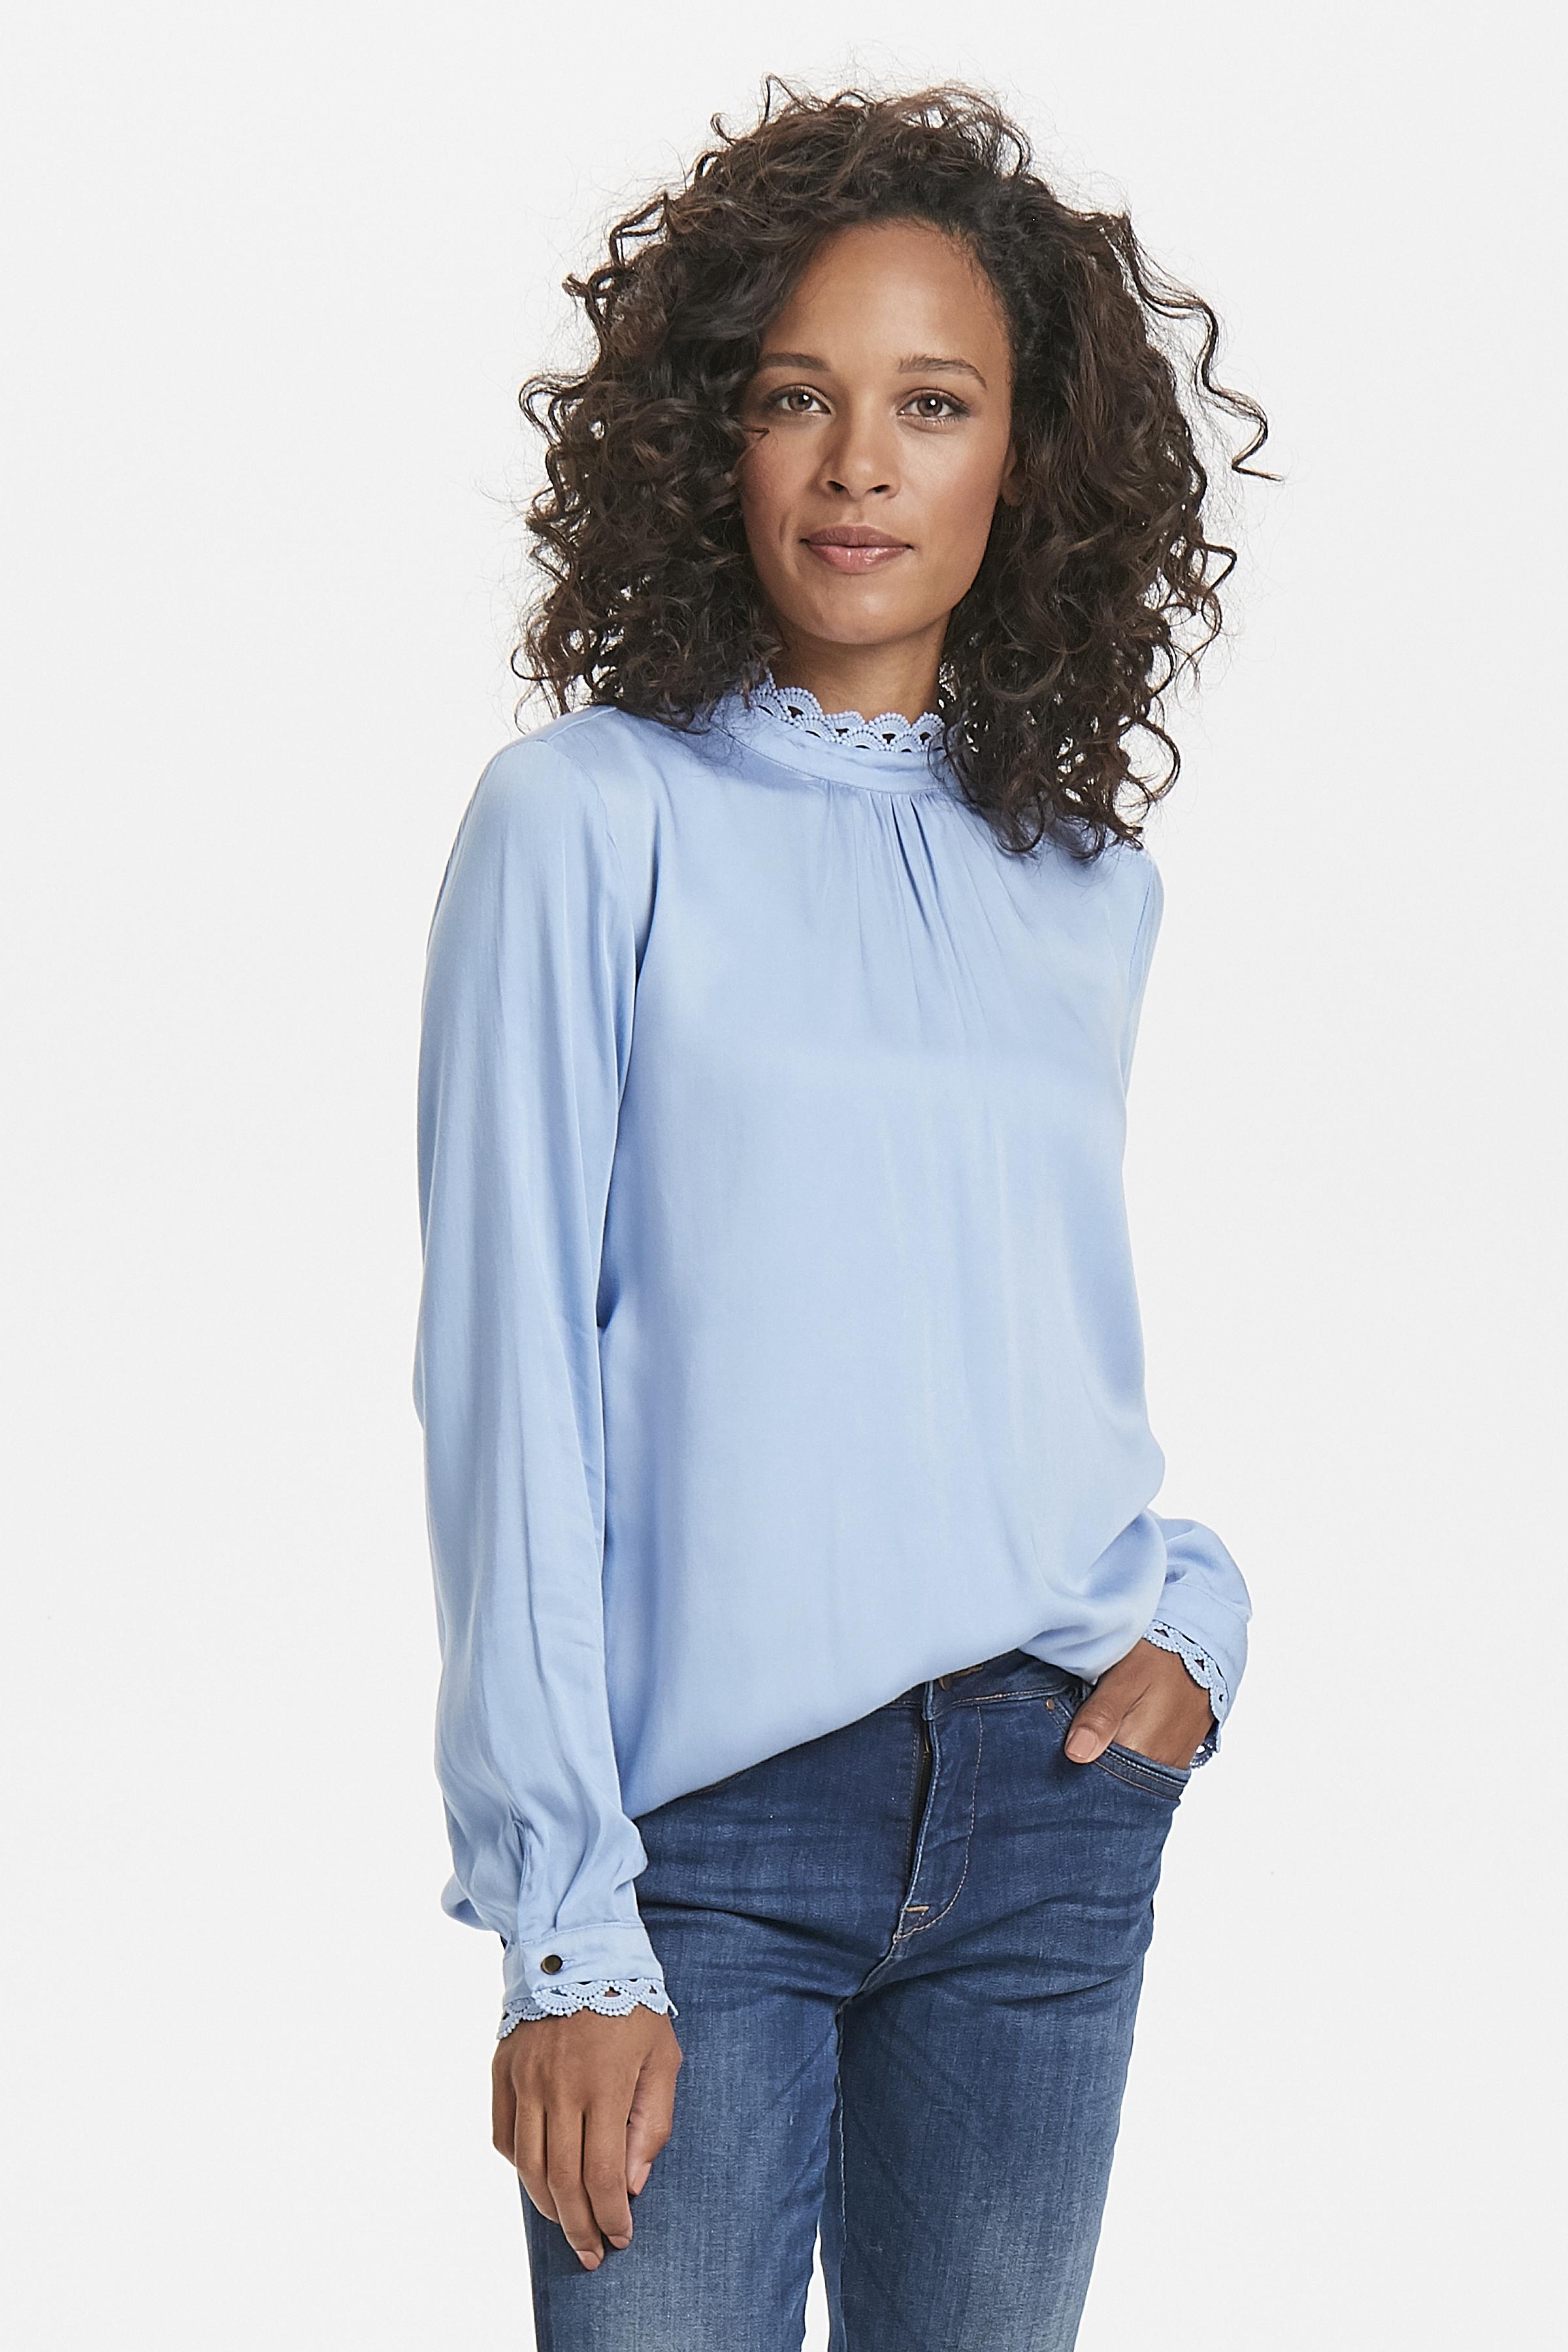 Lichtblauw Lange mouwen shirt  van Kaffe – Door Lichtblauw Lange mouwen shirt  van maat. 34-46 hier